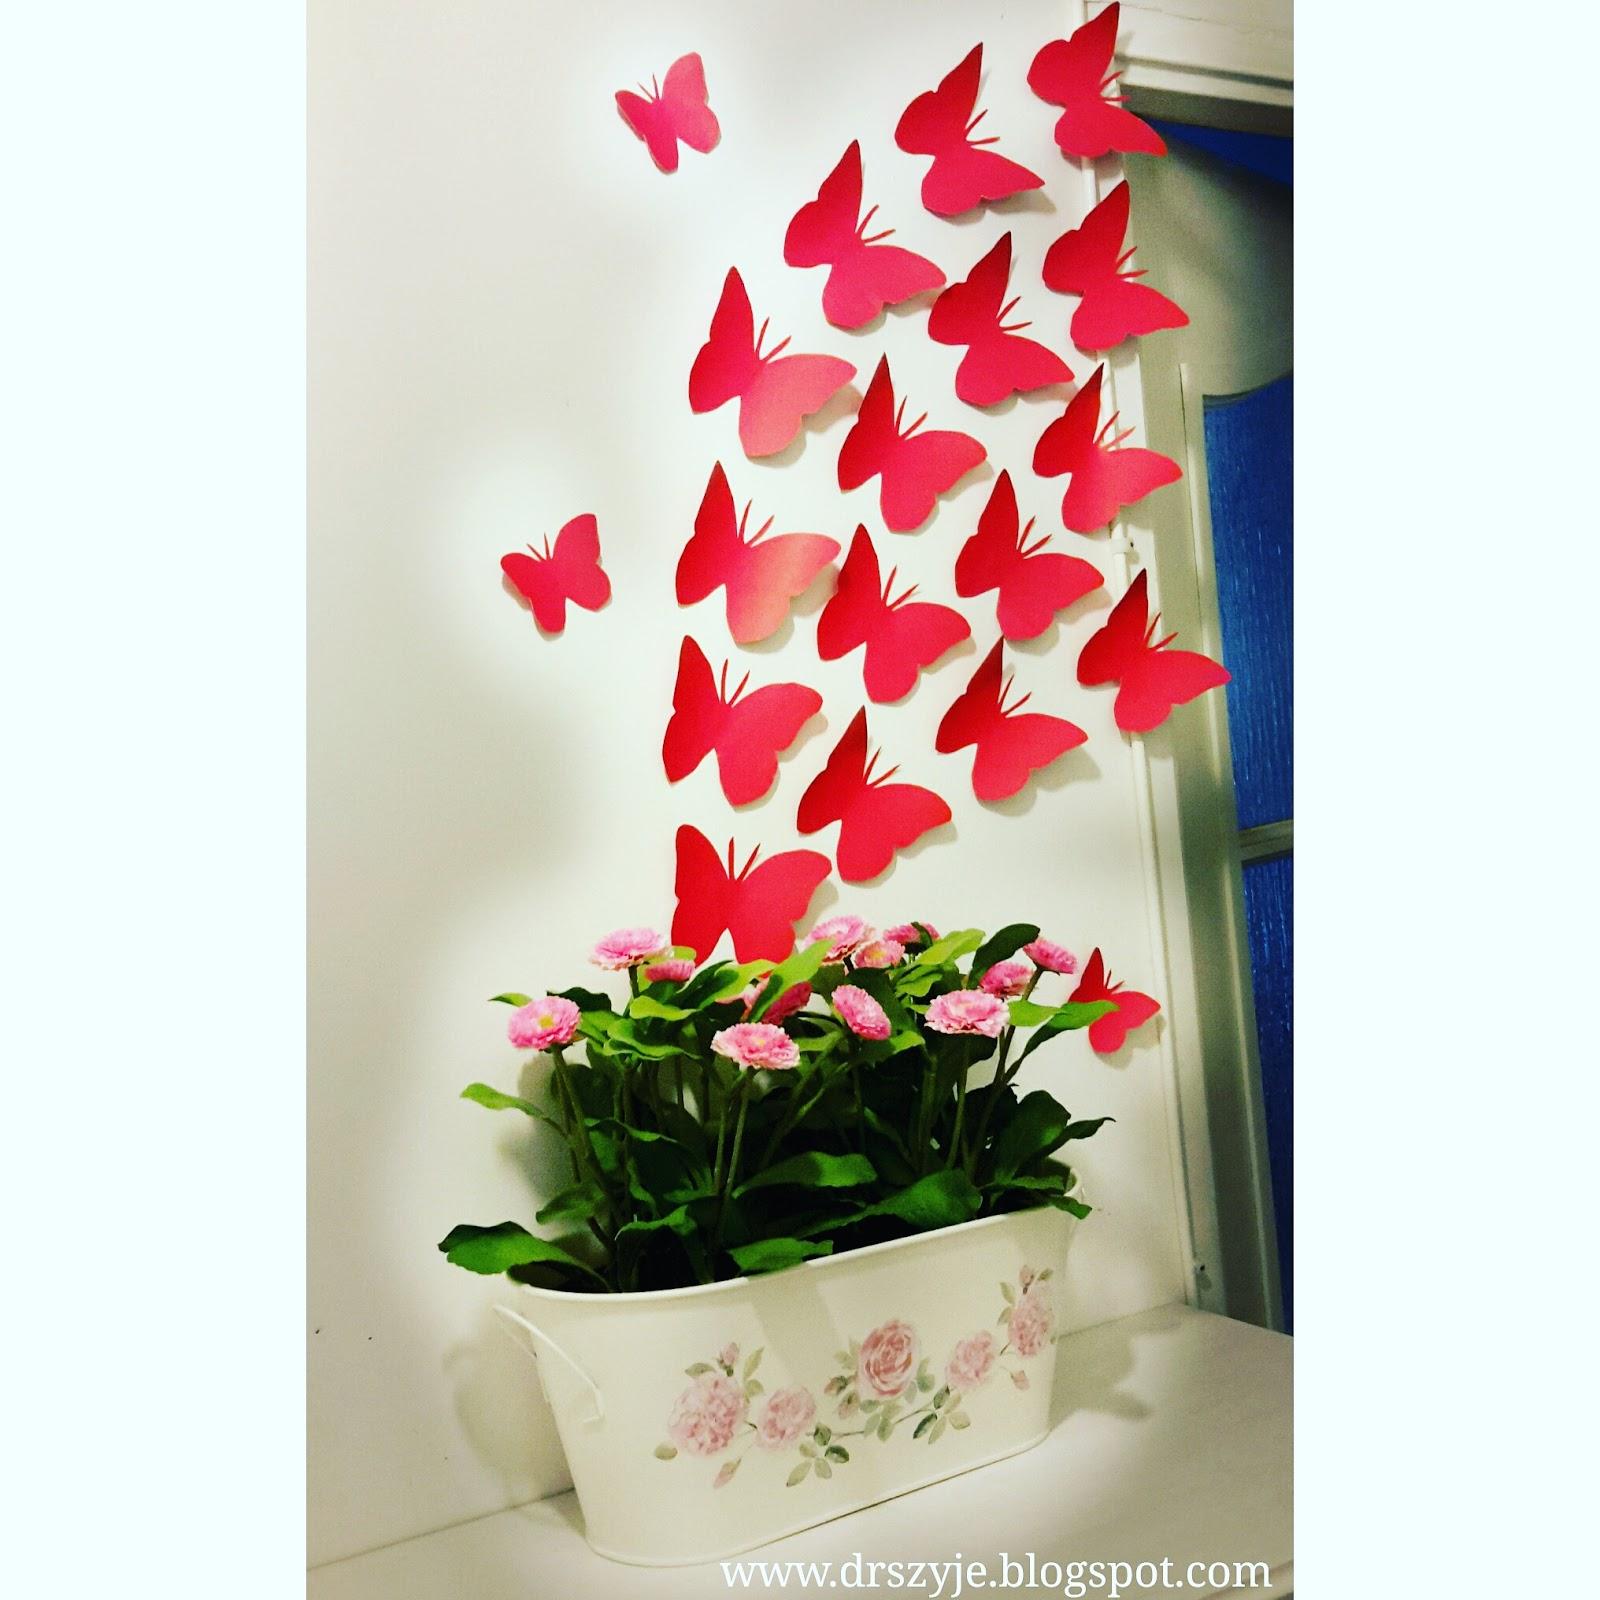 Zima tuż tuż, a u mnie motyle